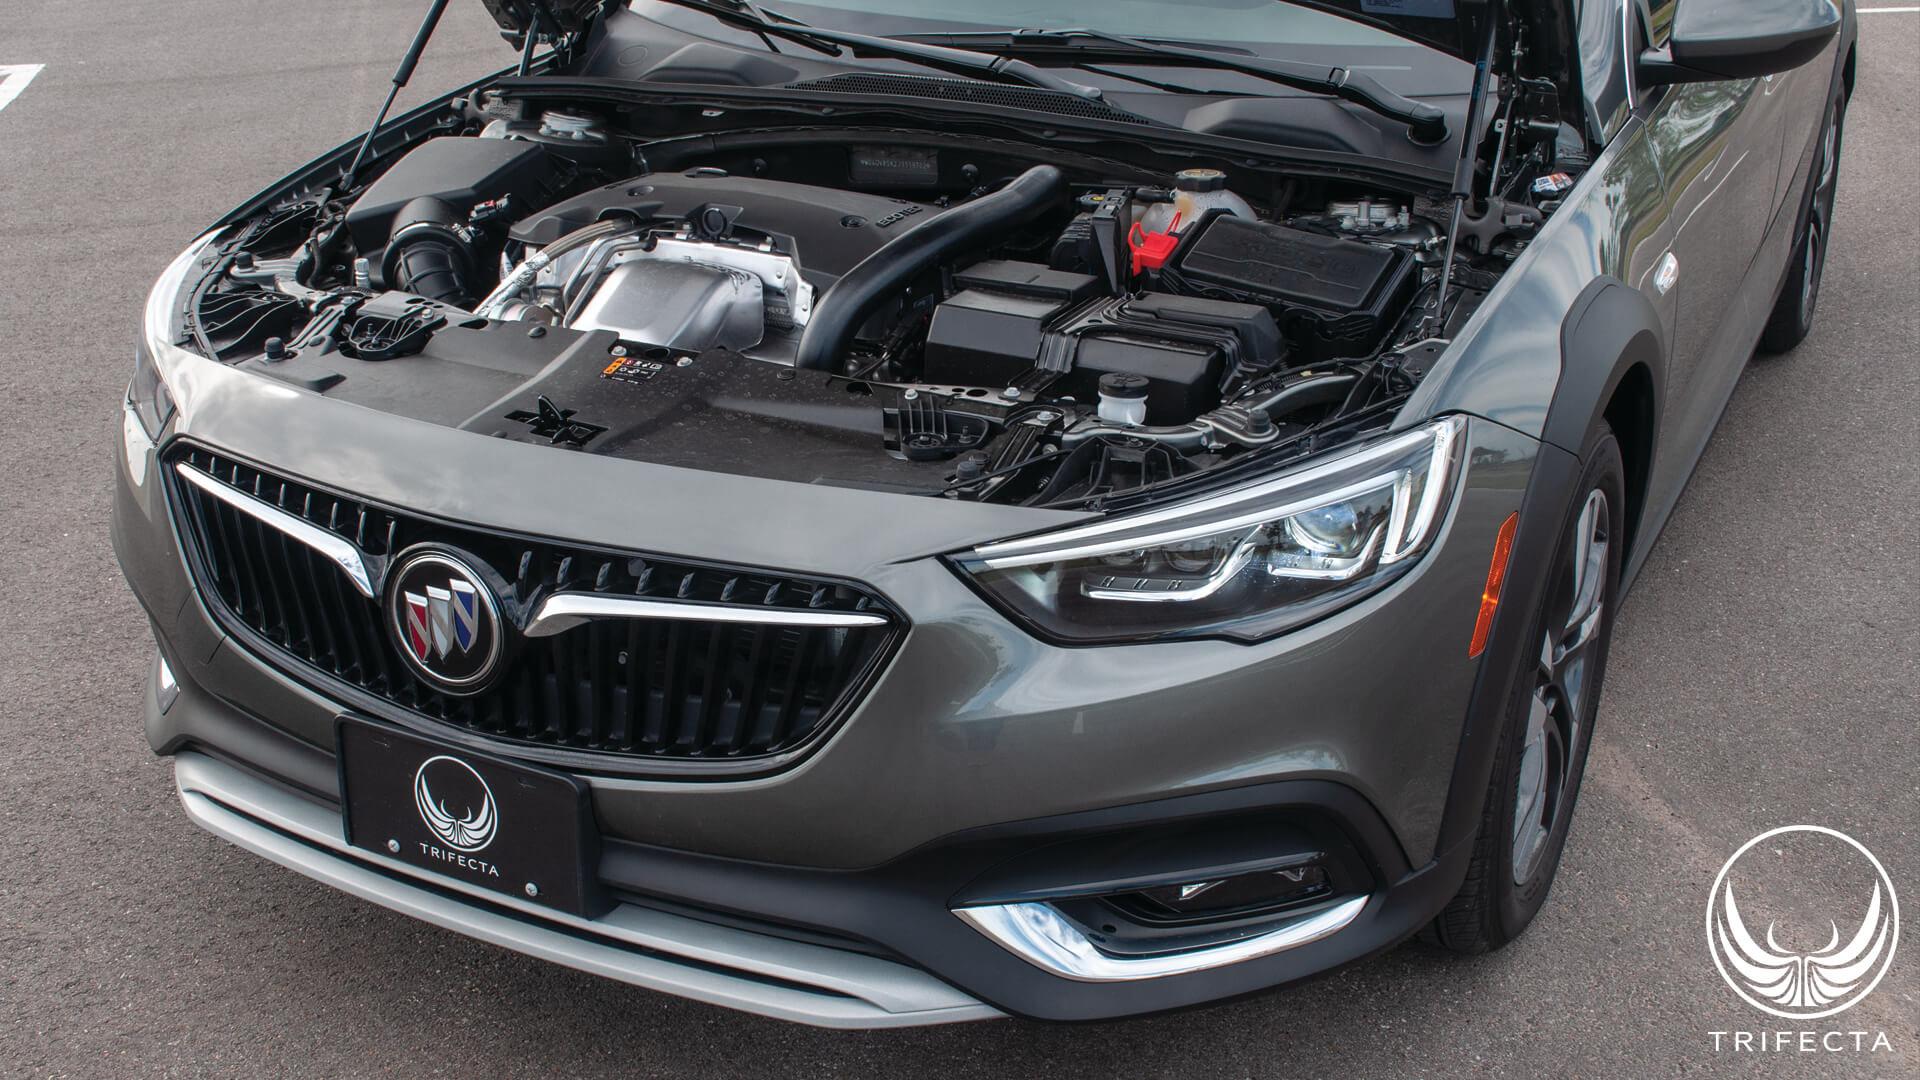 2018 2020 Buick Regal 2 0l Turbo Elite 2 0l Turbo 2018 2020 Trifectaperformance Com